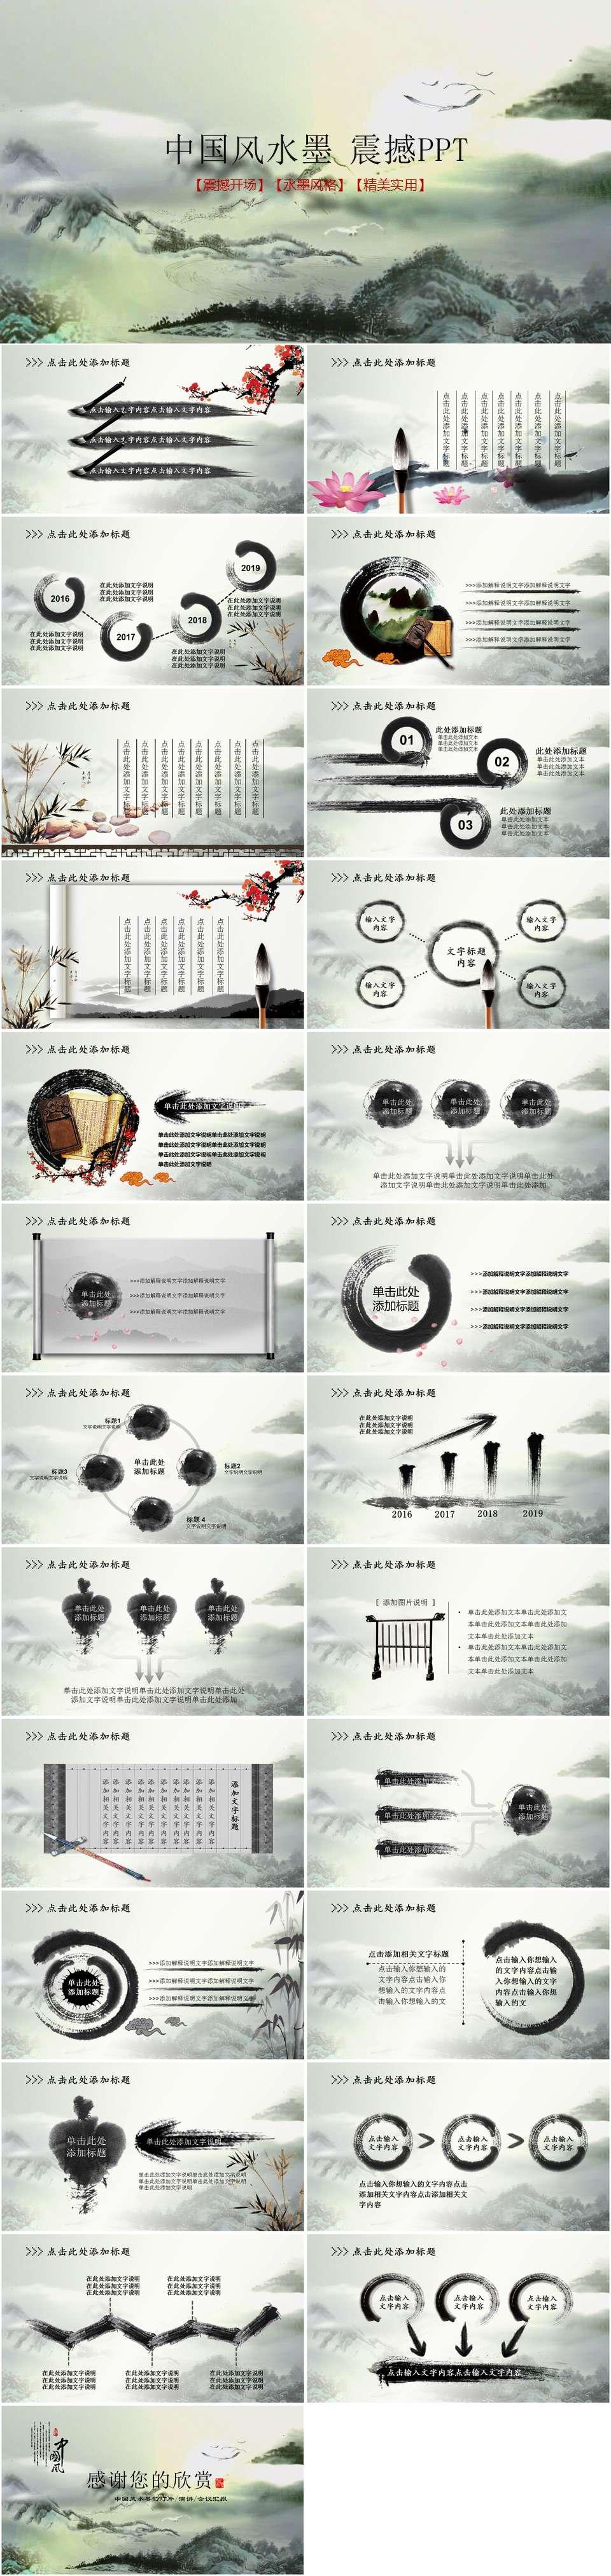 中国风震撼水墨开场古典艺术动态PPT模板插图1